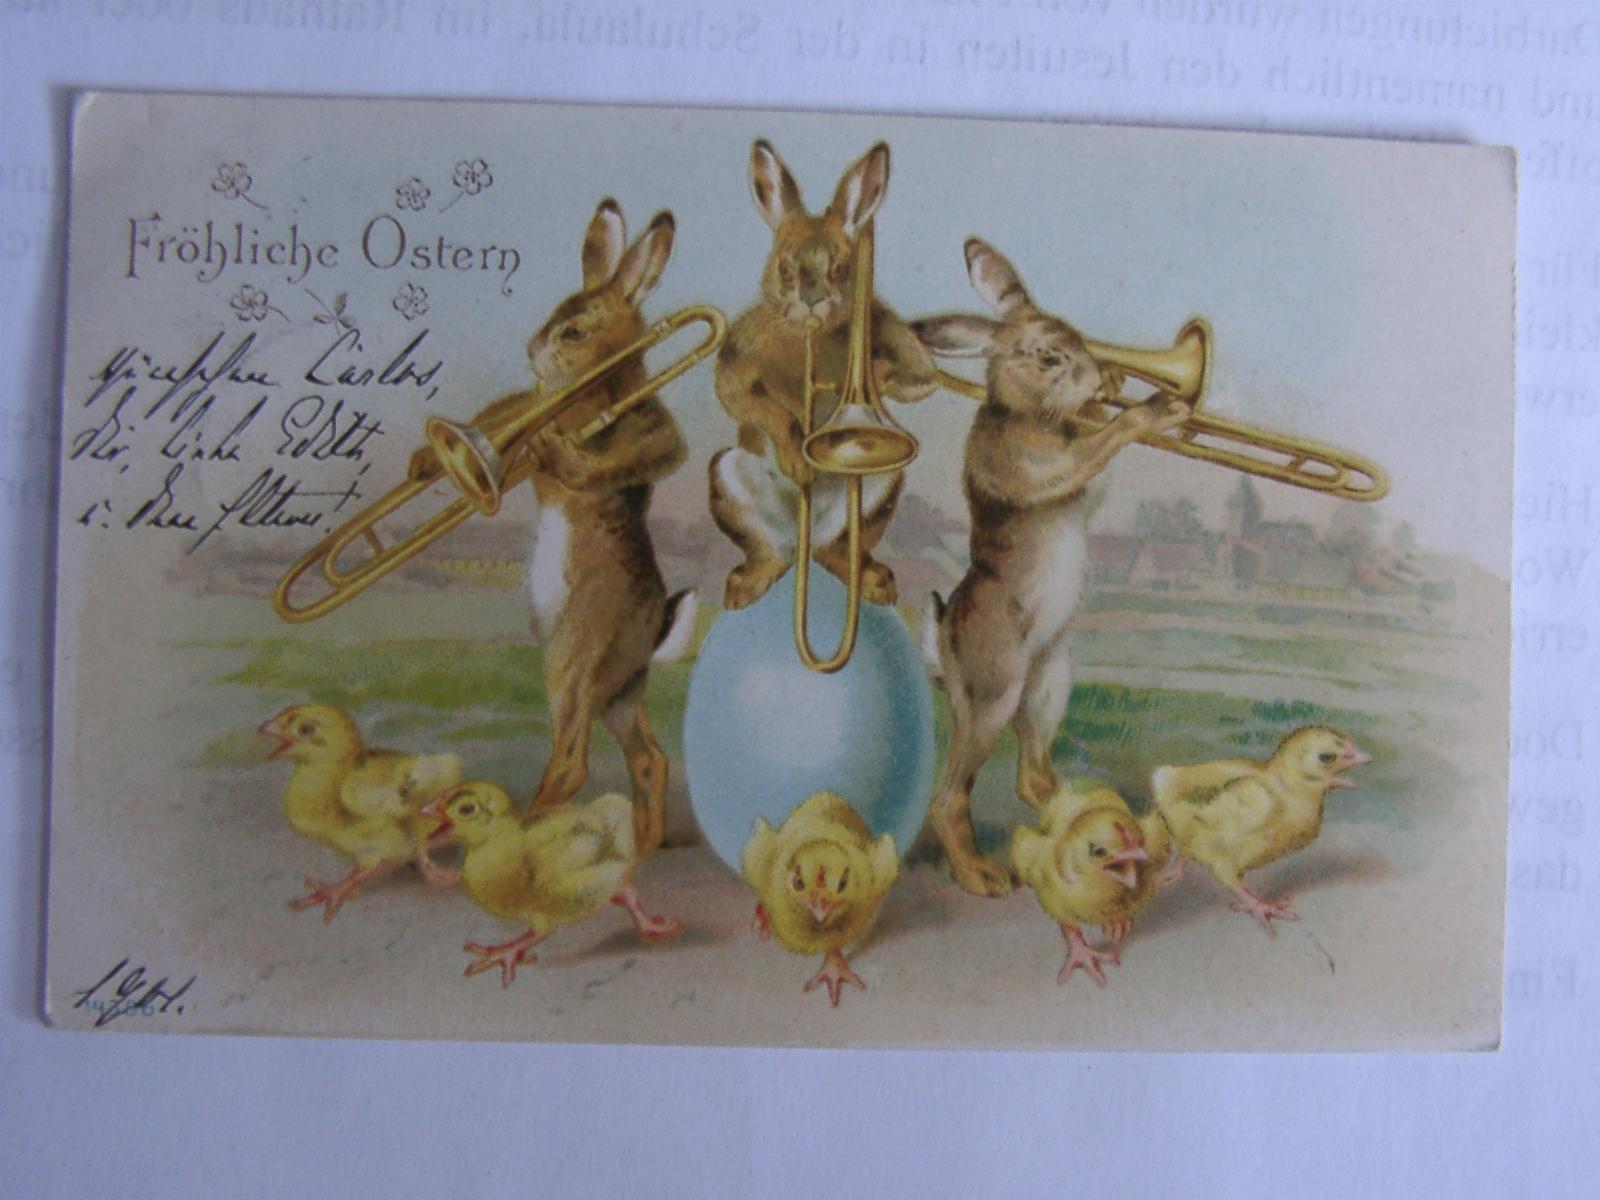 postkarte_ostern_historisch.jpg